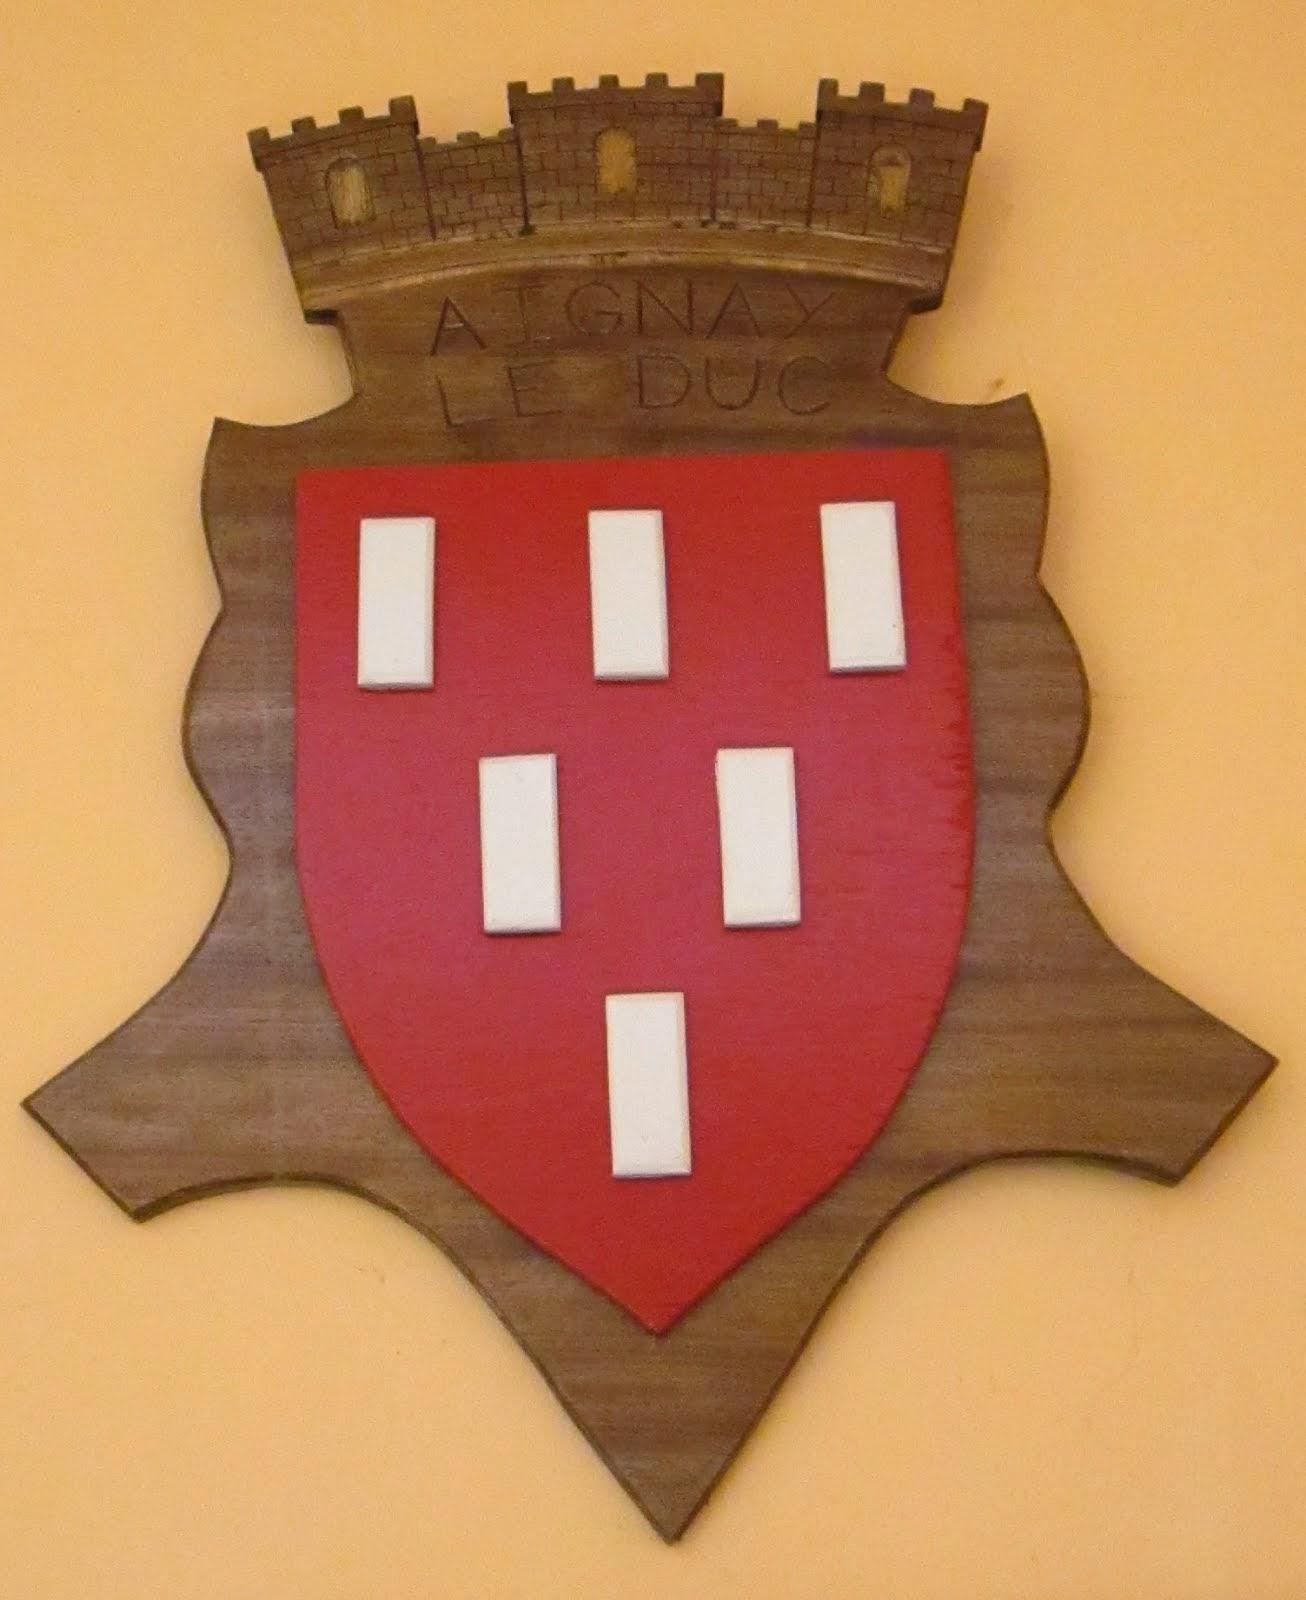 Aignay-le-Duc